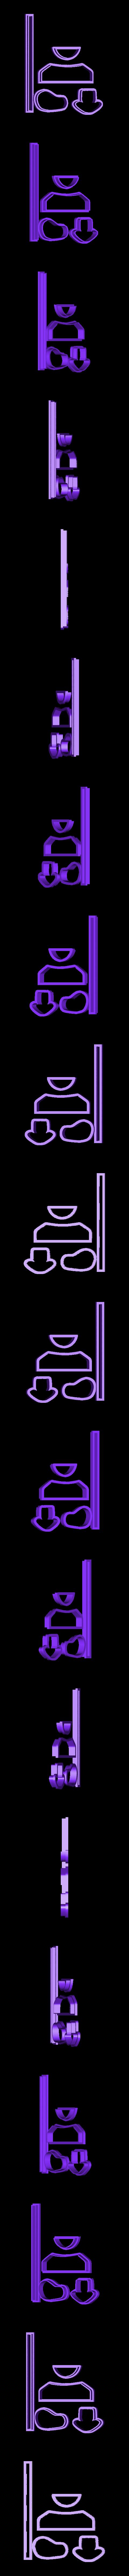 STL-ZapatillaConverse.stl Télécharger fichier STL Zapatito, Zapatilla, Bebe, Fondant Cutter, pâtes alimentaires, porcelaine froide et céramique • Objet à imprimer en 3D, crcreaciones3d